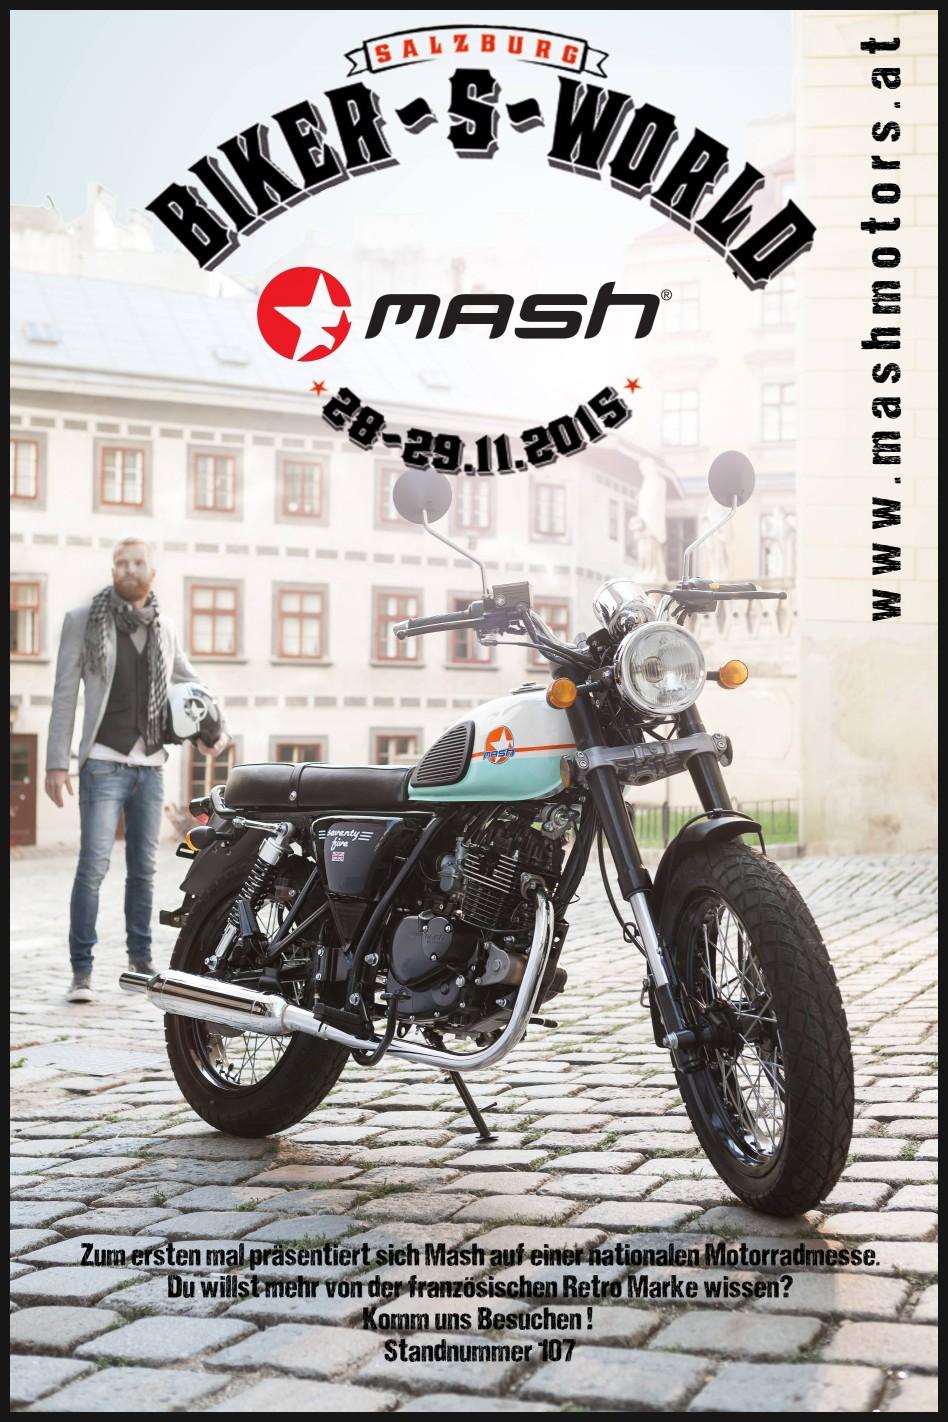 MASH Biker-S-World